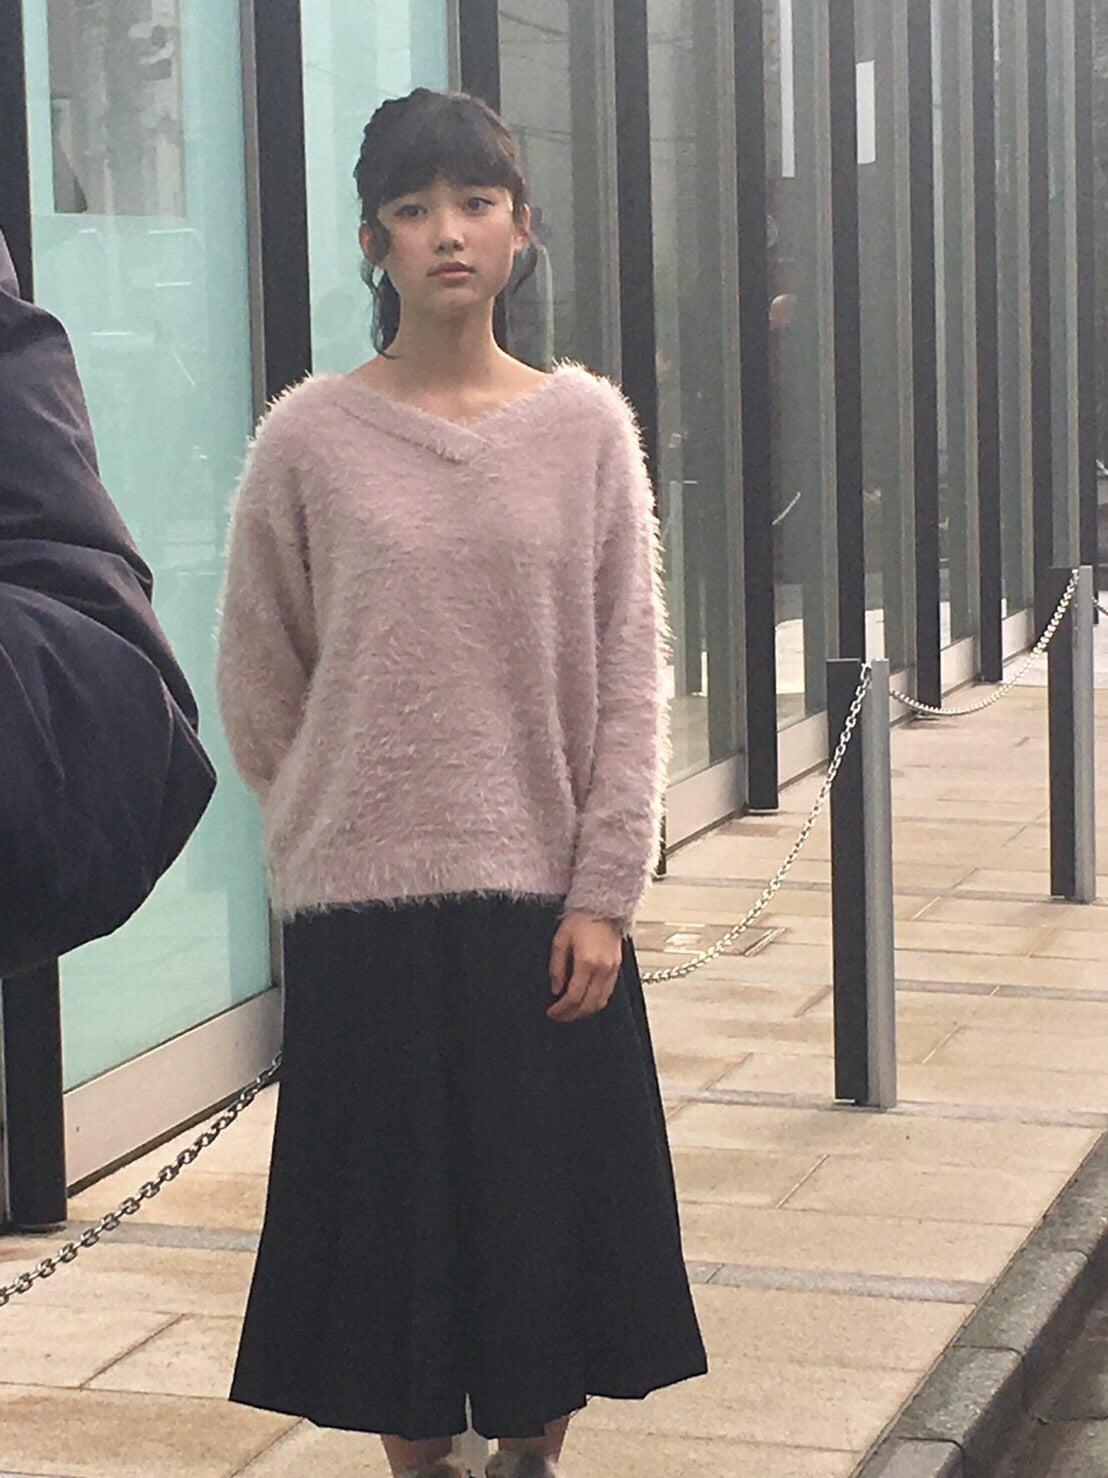 井頭愛海さんのカクテルドレス姿